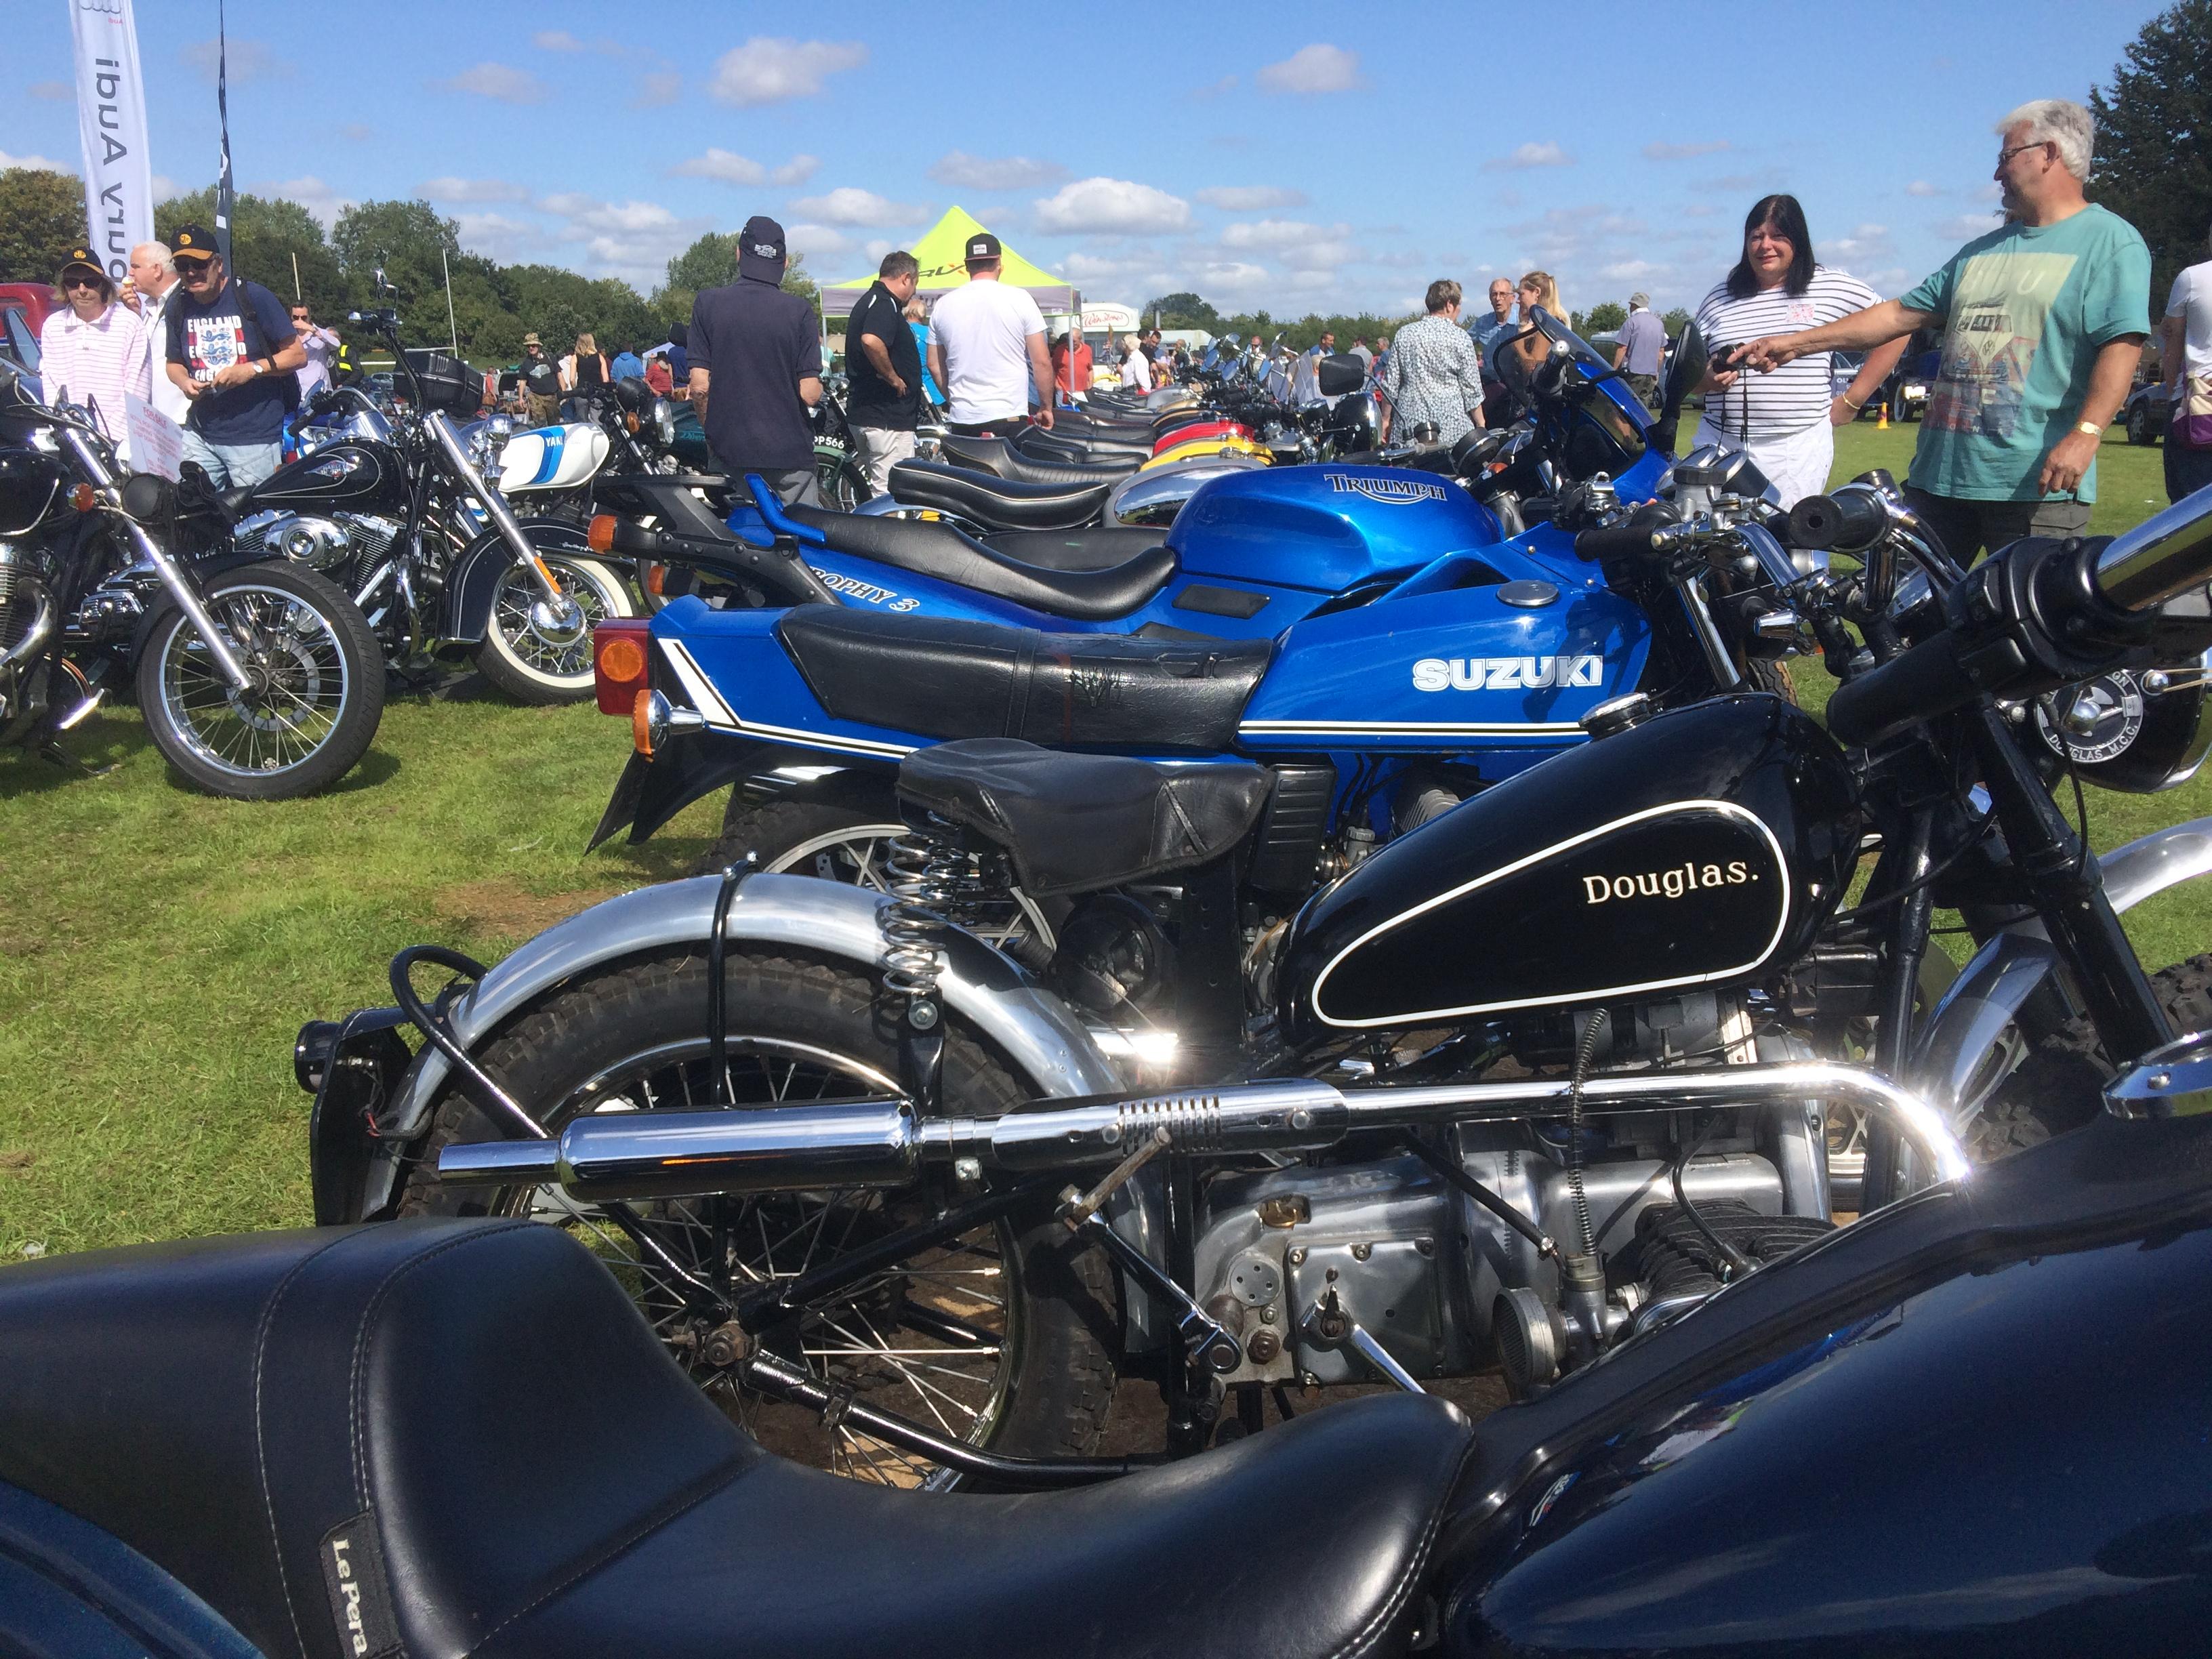 Motorbikes Too